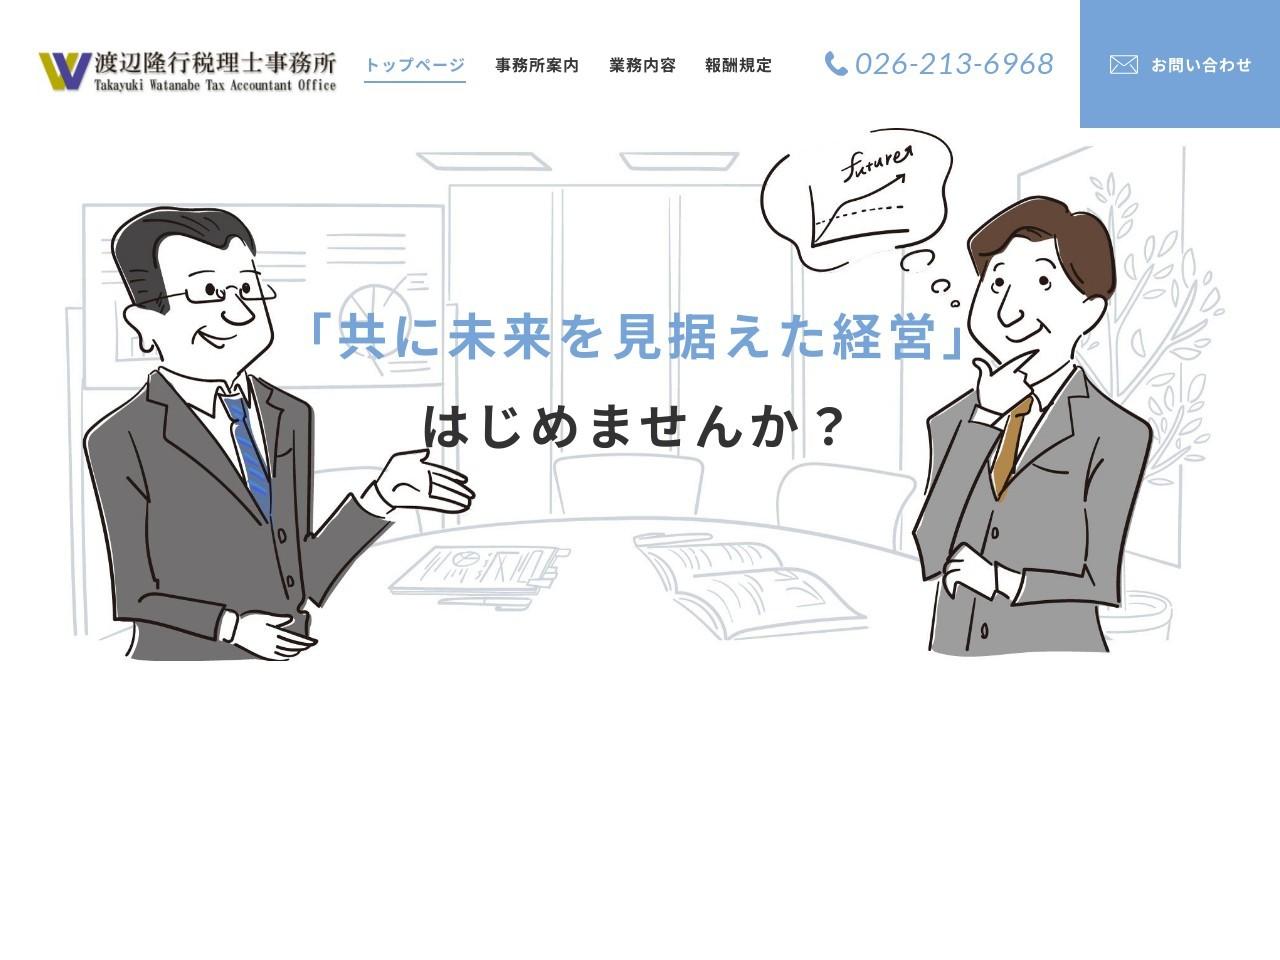 渡辺隆行税理士事務所